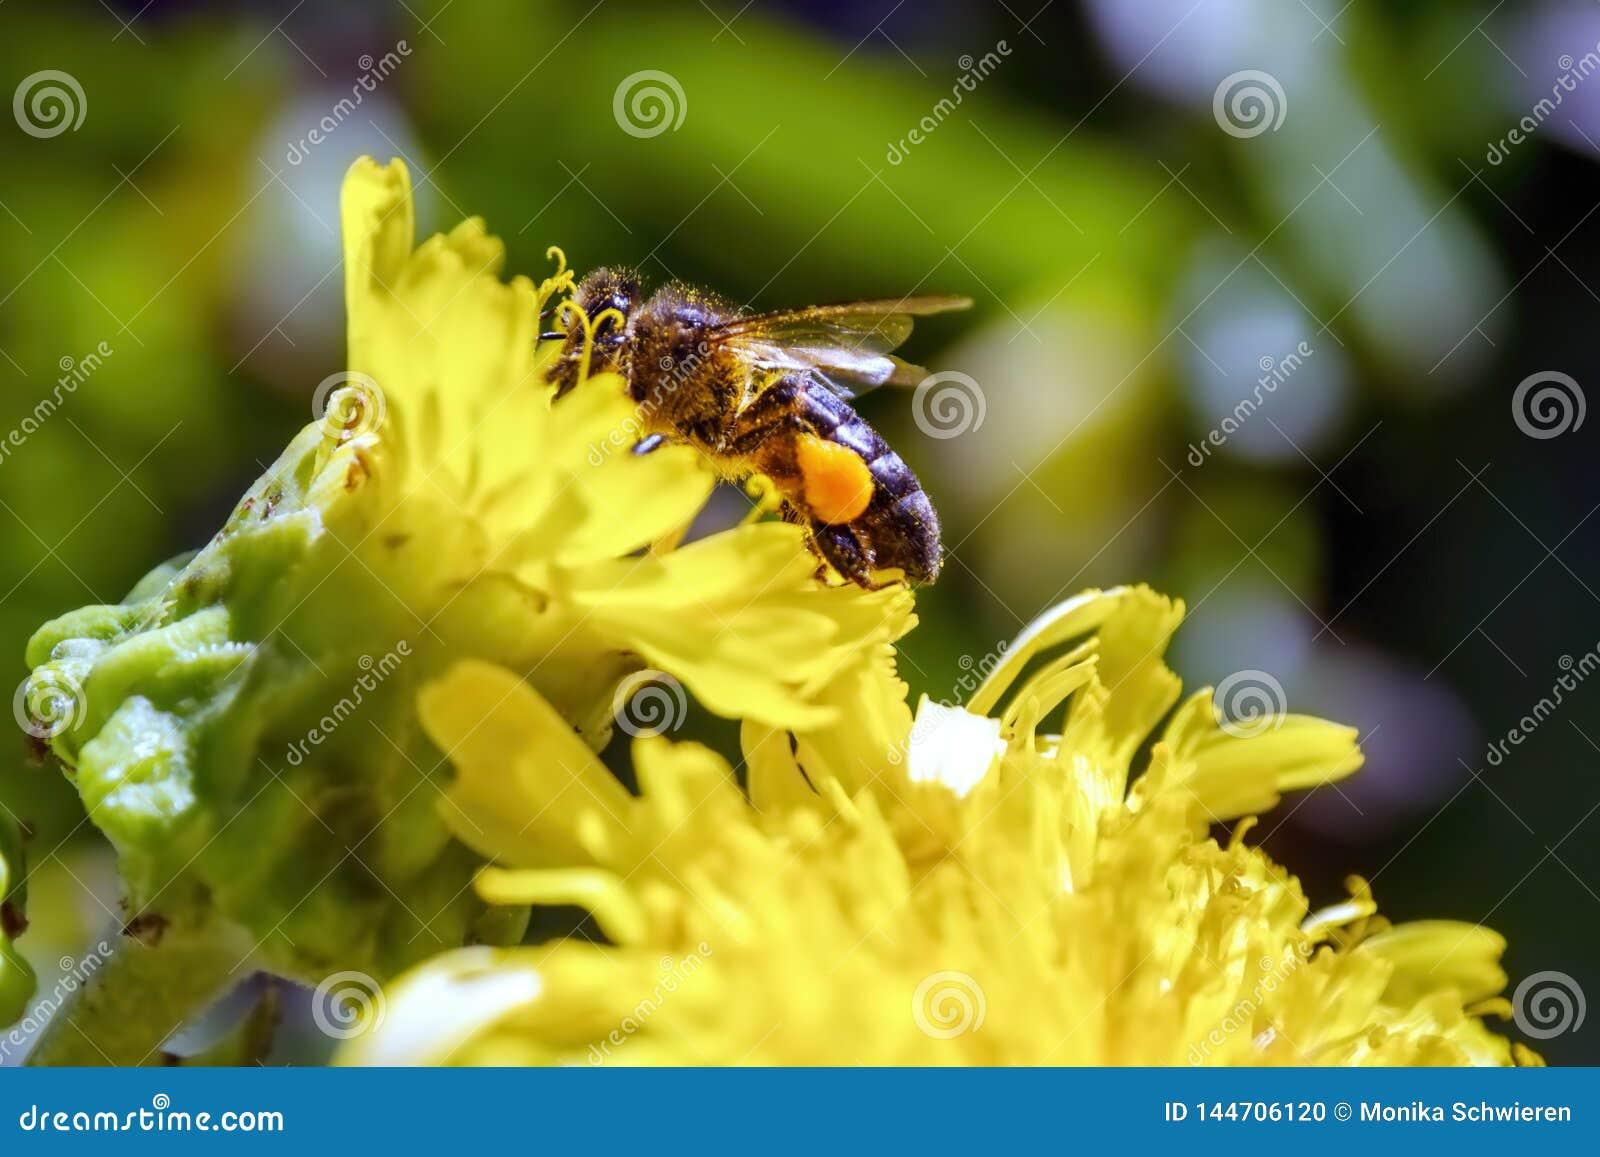 Bi i en blomning med tjocka pollenpåsar